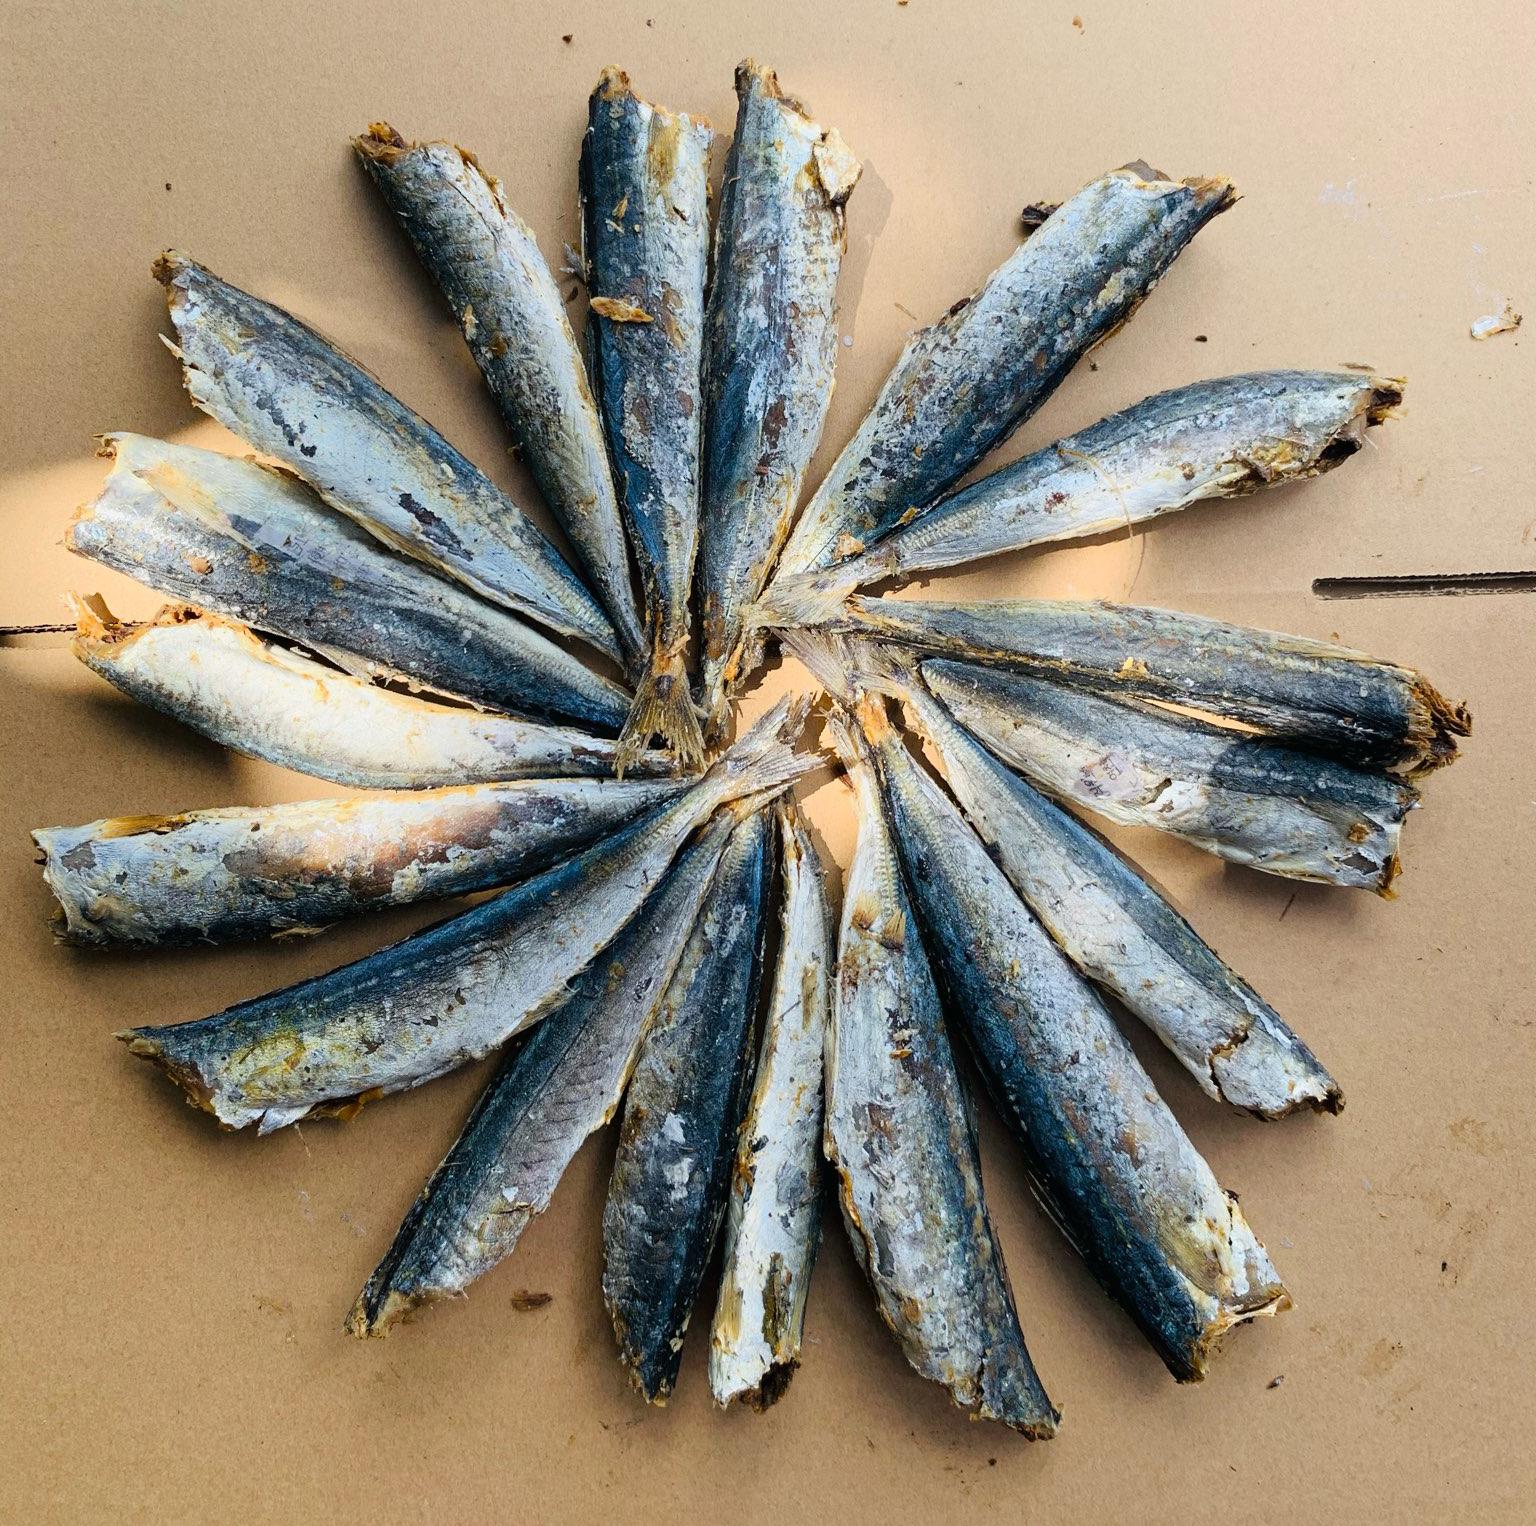 Cá nục kho tỏi ớt, Cách kho cá nục kho cà,  Khô cá nục (1kg) loại ngon, bổ dưỡng, cá béo, thơm, hàng chất lượng, để được lâu, phân phối bởi MikiFoods